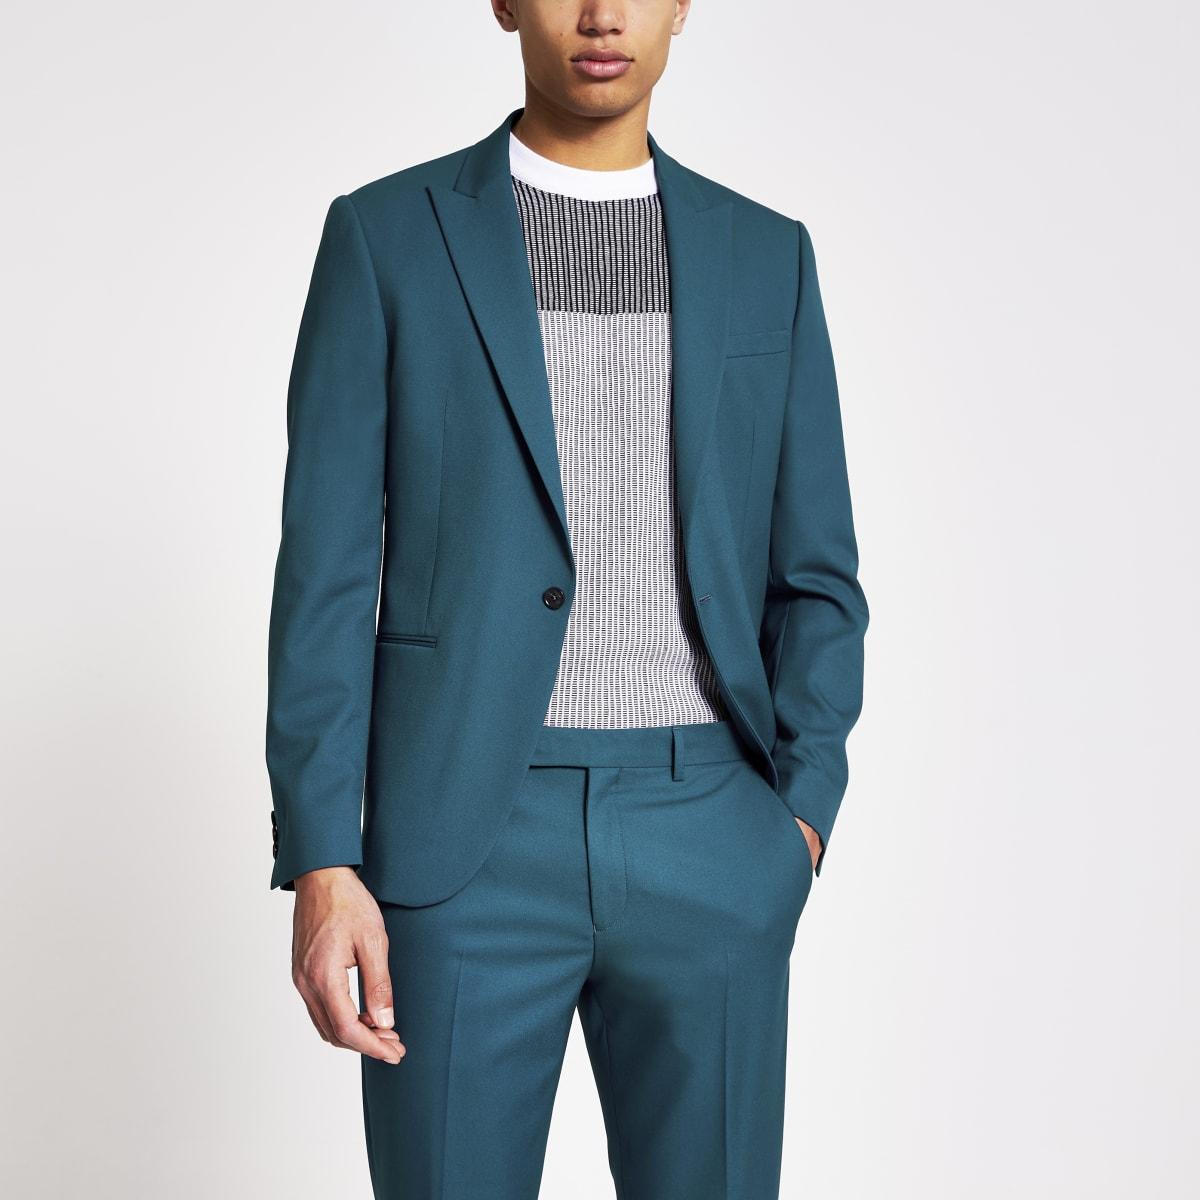 Groenblauwe skinny-fit stretch blazer